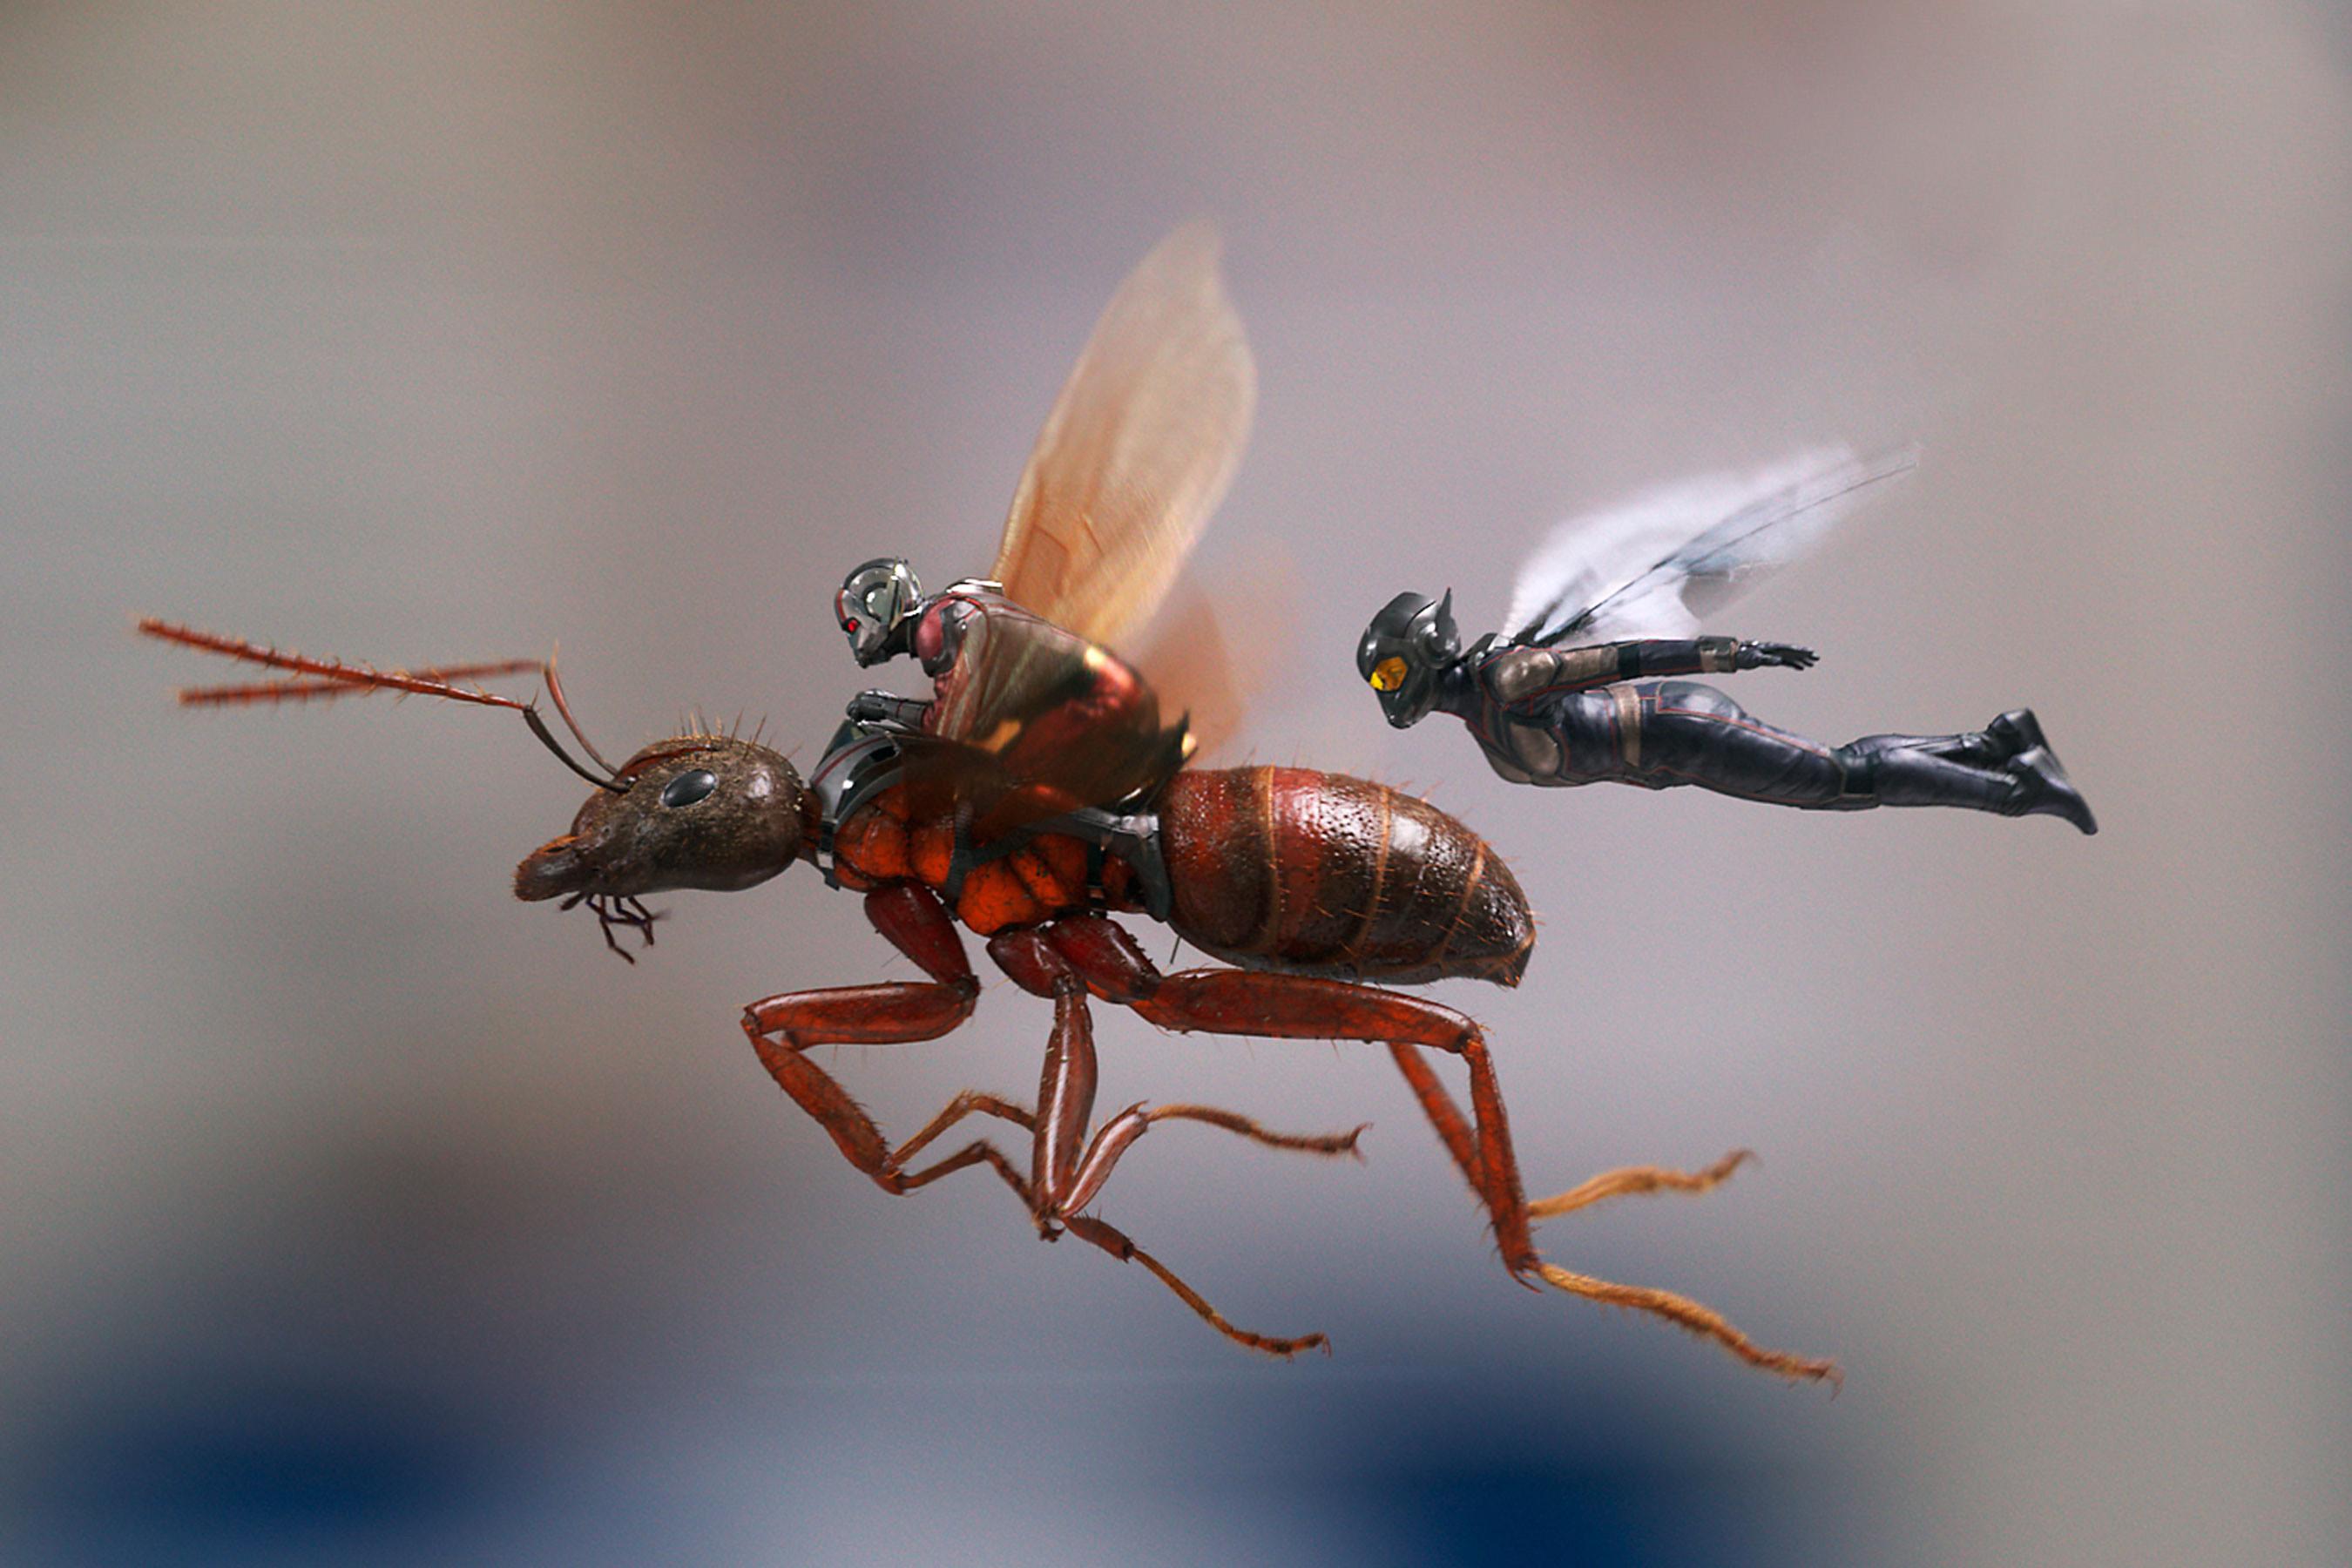 Filme do Homem-Formiga e a Vespa ganha novas fotos